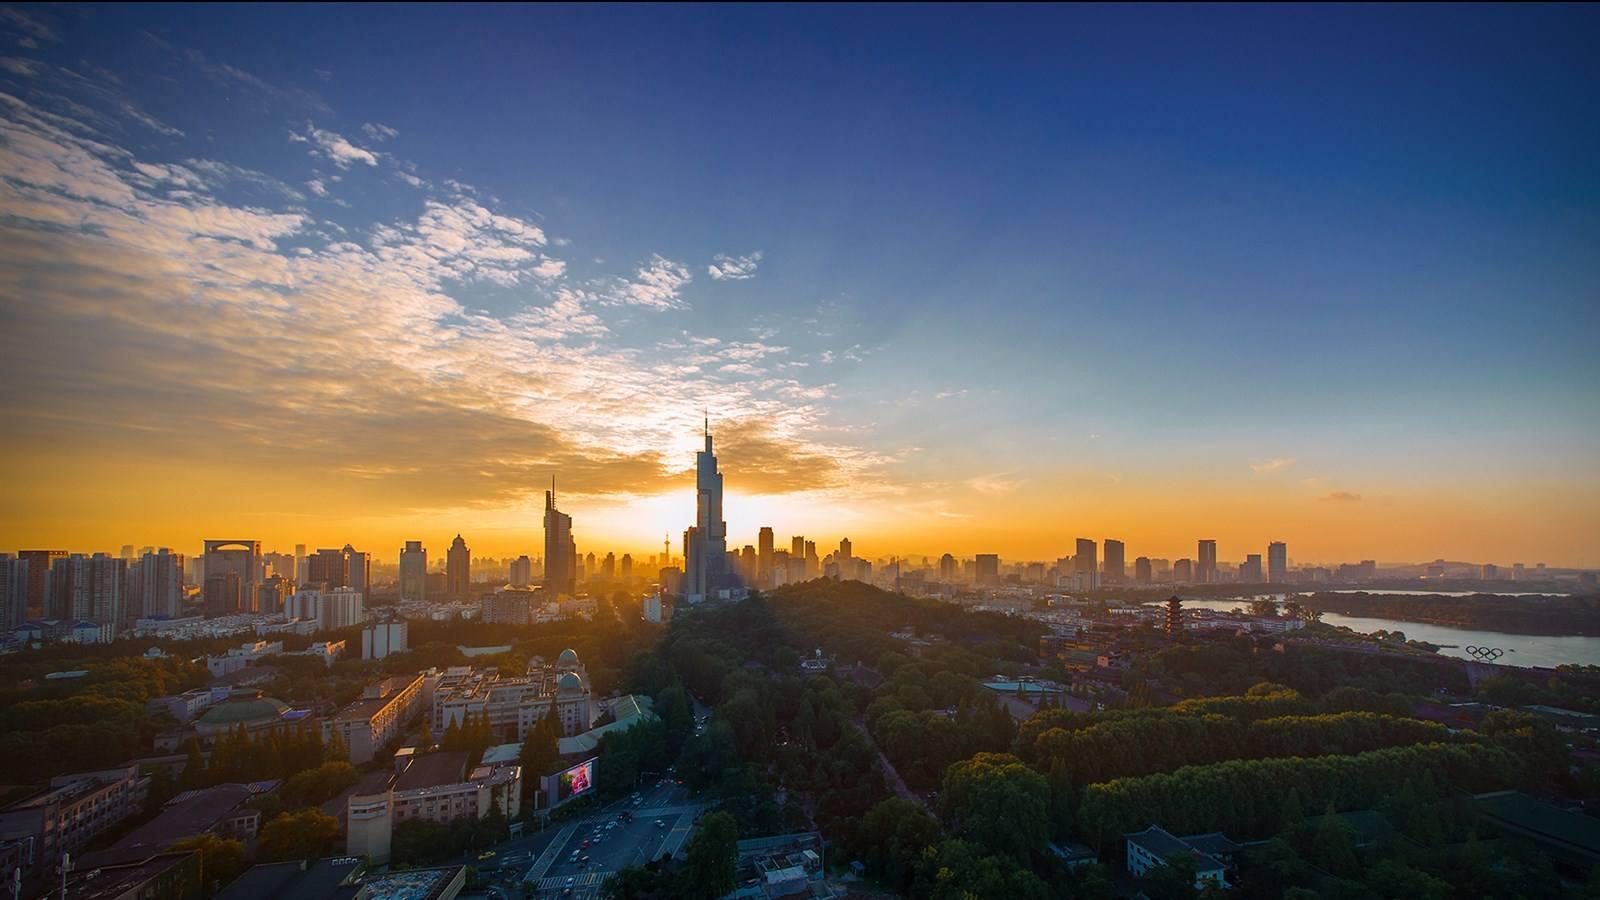 娱乐资讯_江苏省城镇化水平居全国第五位_江苏频道_凤凰网